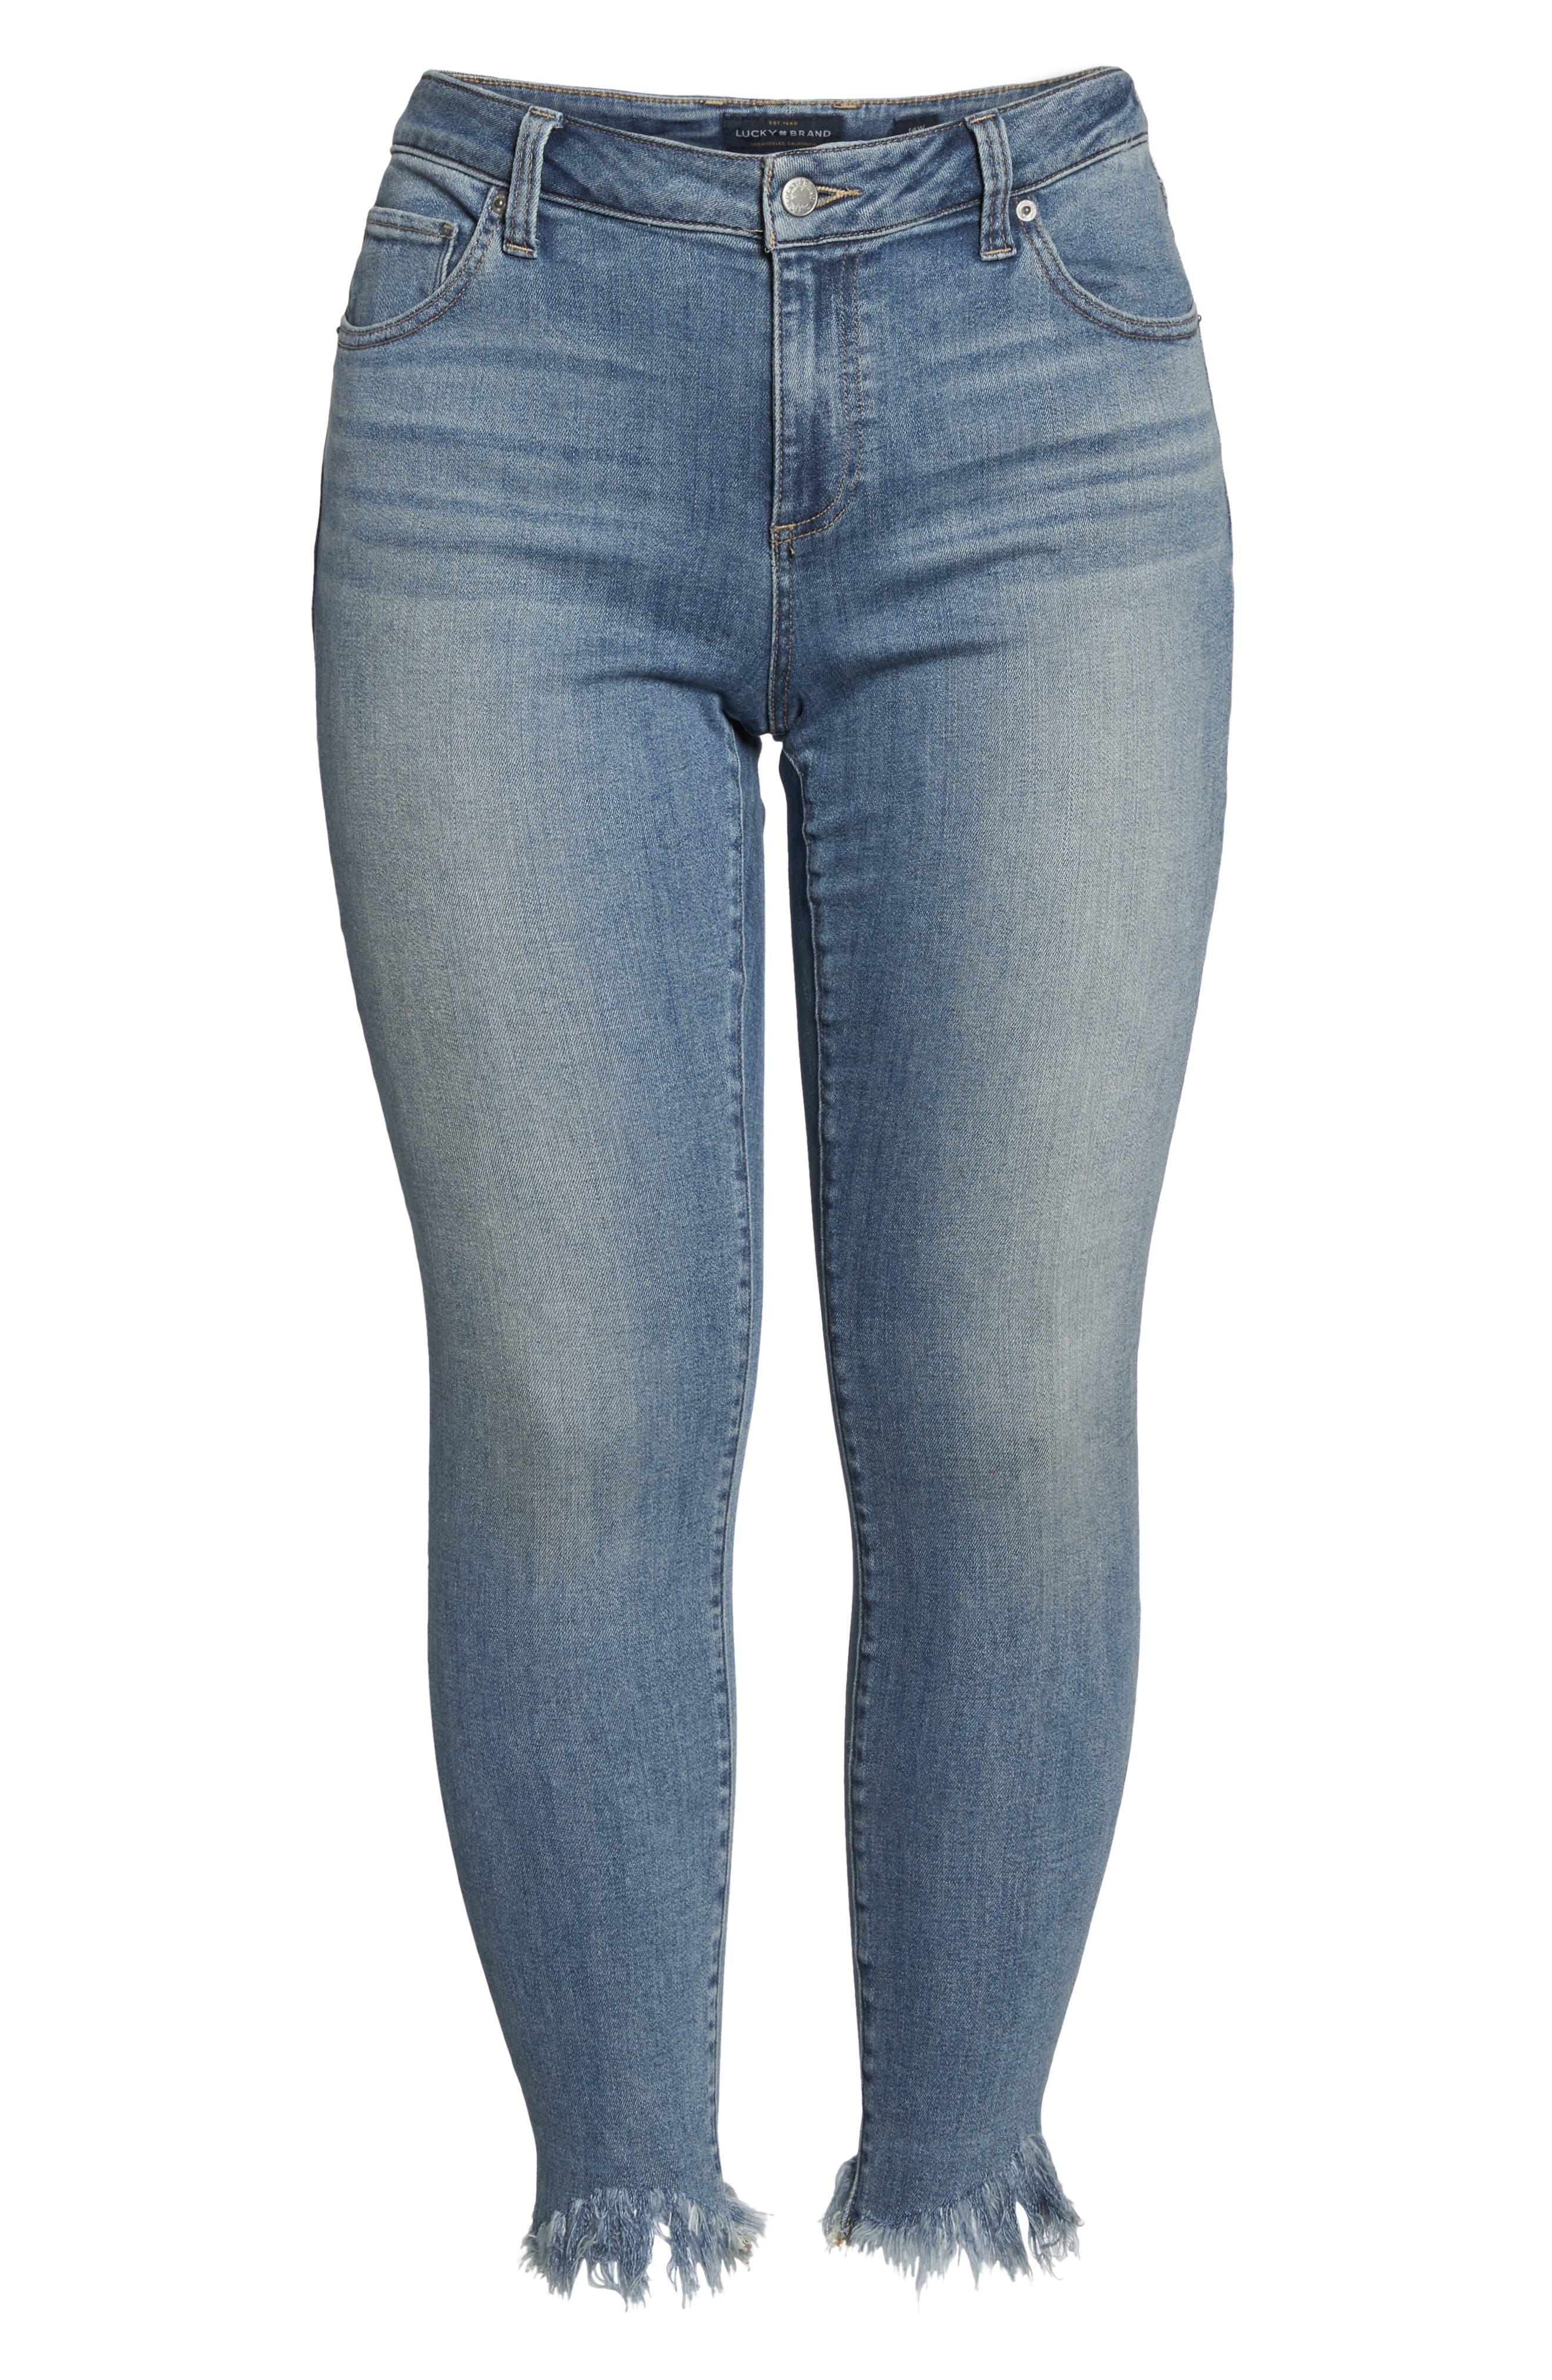 LUCKY BRAND,                             Ginger Fringed Hem Skinny Jeans,                             Alternate thumbnail 7, color,                             400